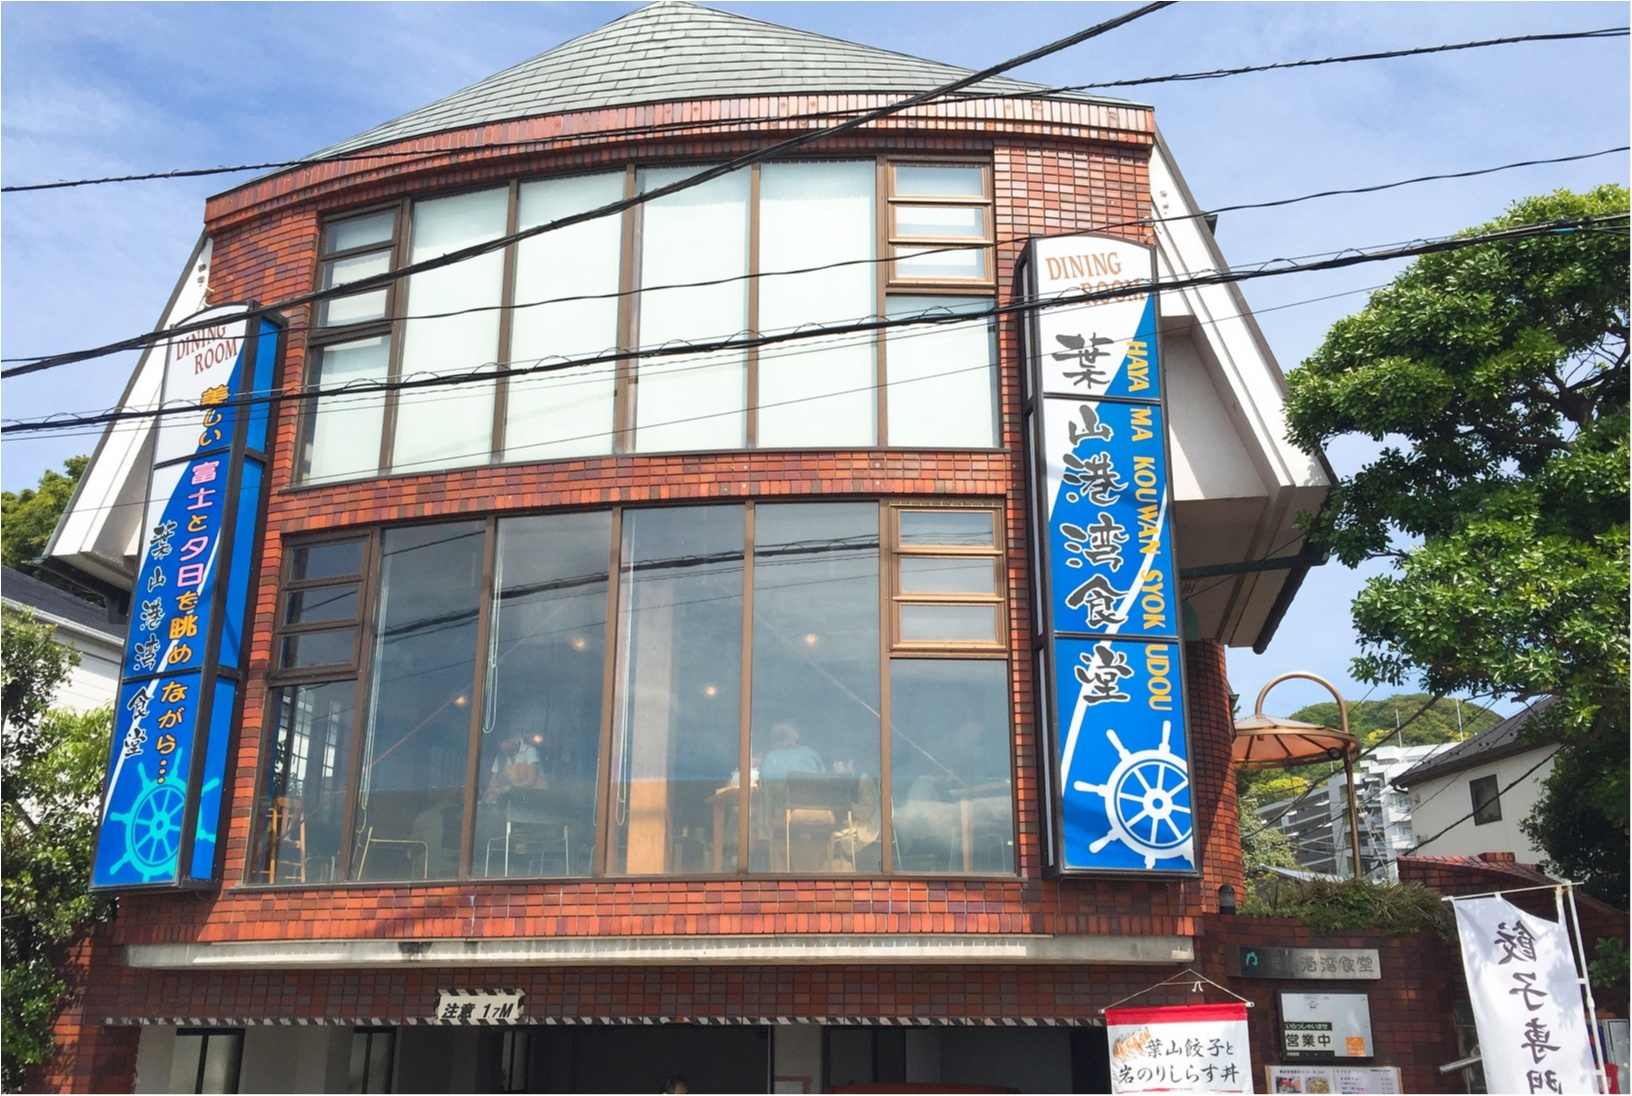 【神奈川・葉山】中華街重慶飯店元料理長が作る「葉山餃子&しらす丼」を堪能♩≪samenyan≫_3